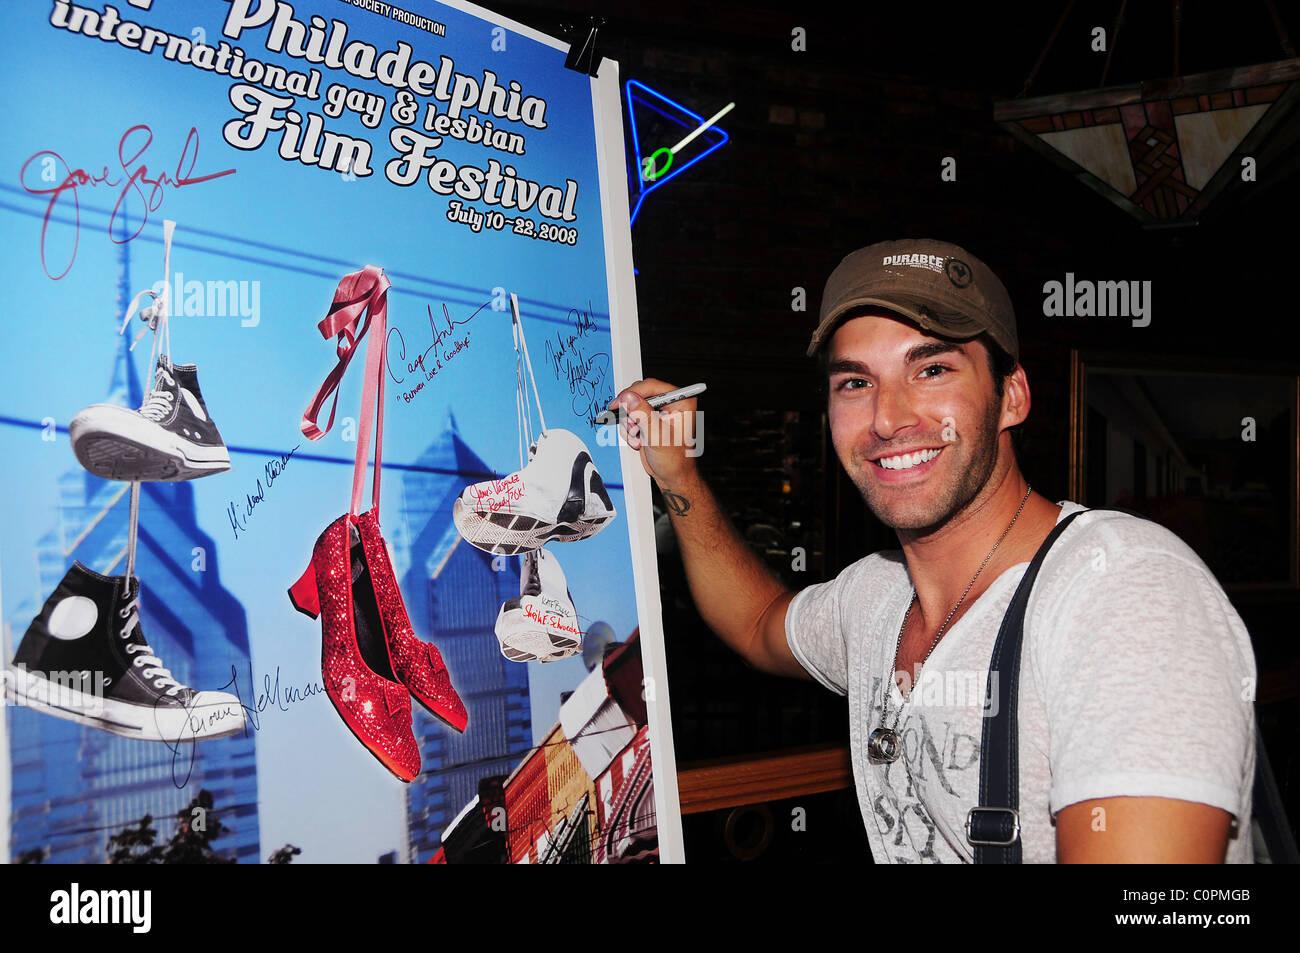 Festival Film Gay Lesbian Philadelphia